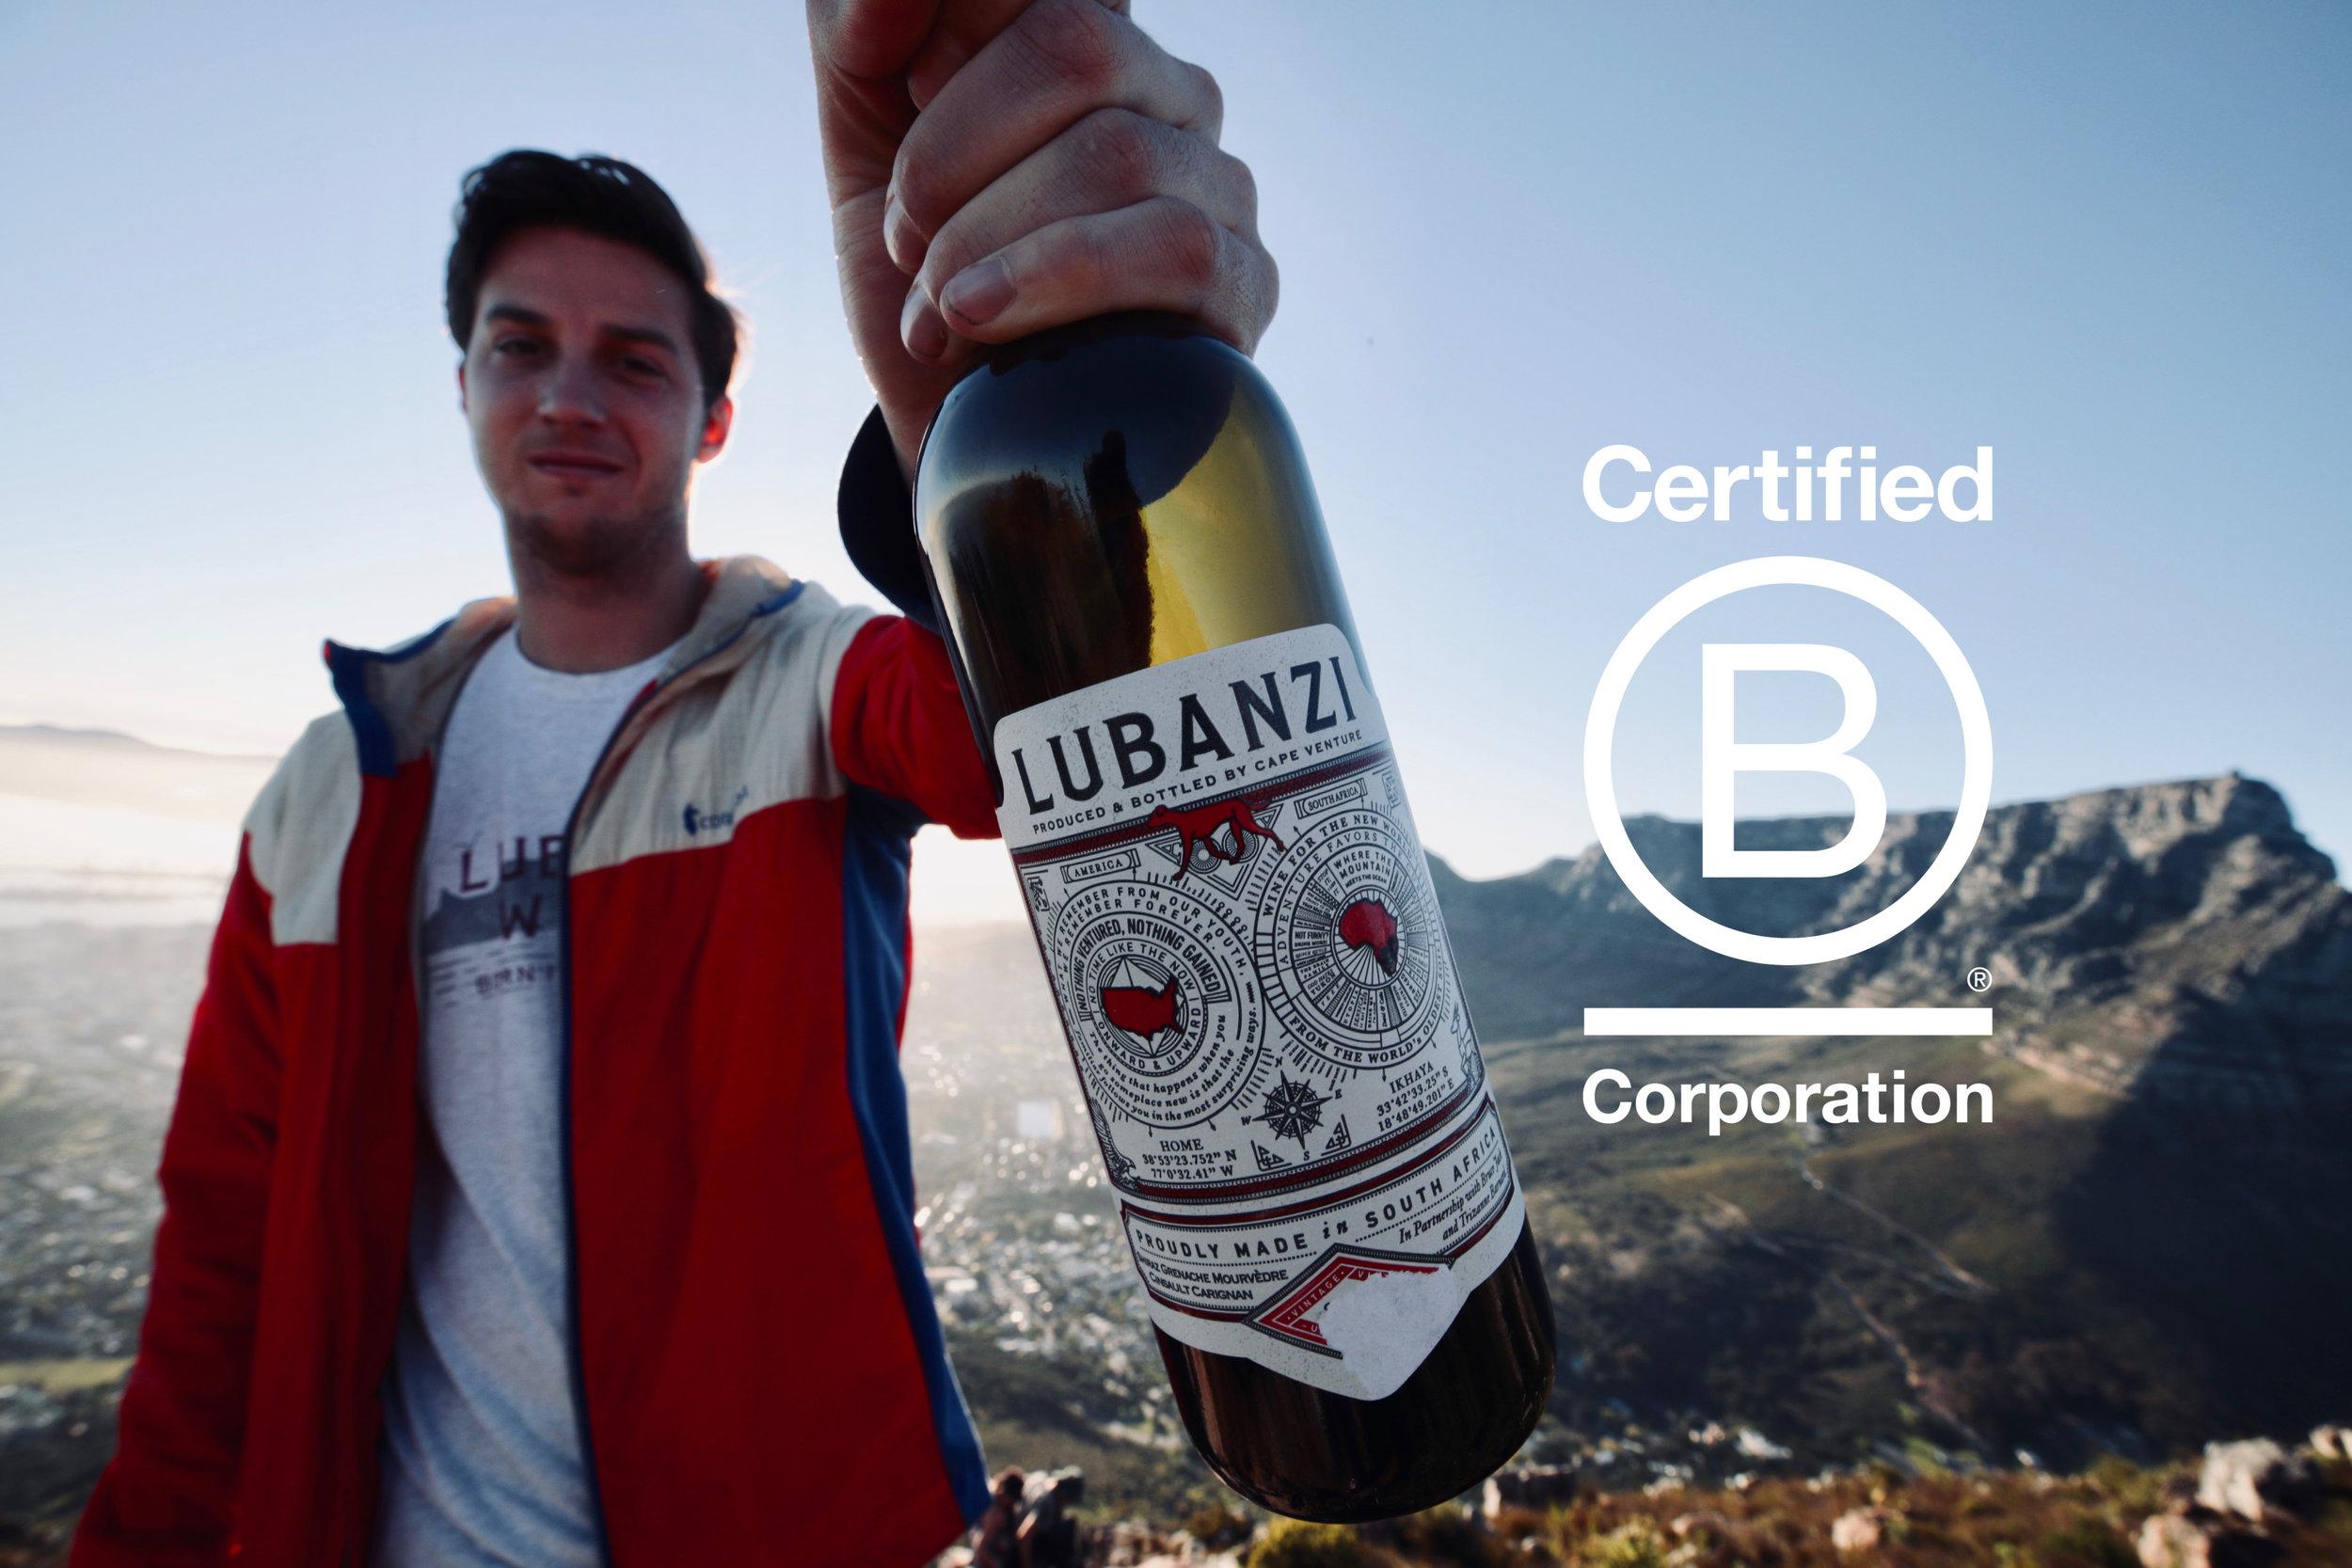 Lubanzi - Certified B Corporation©.jpg